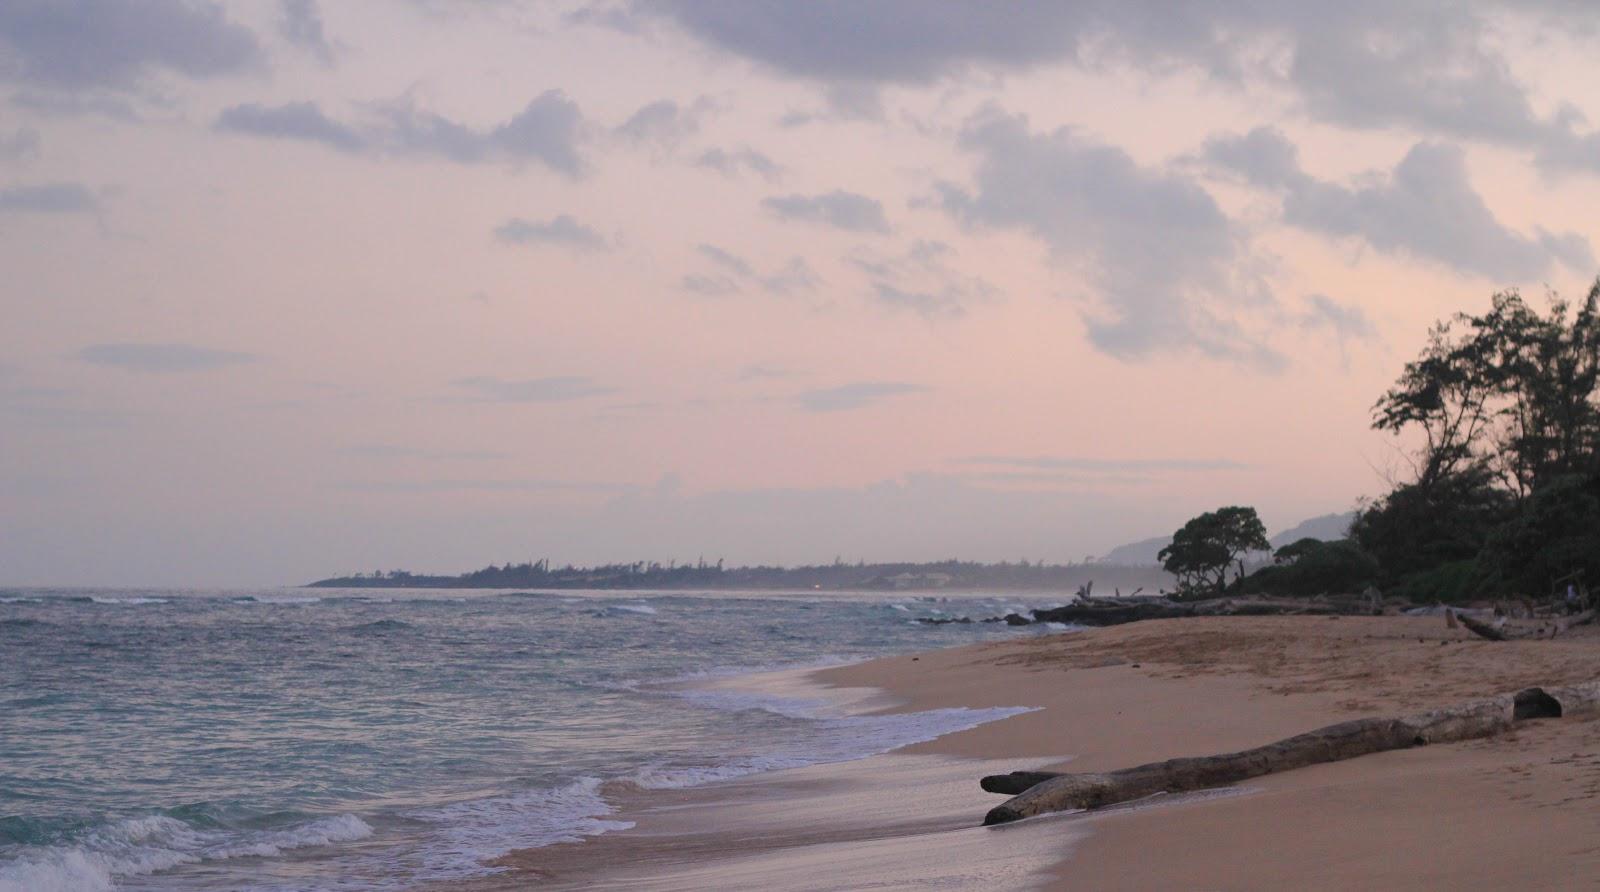 夜明けの淡い桃色の浜辺